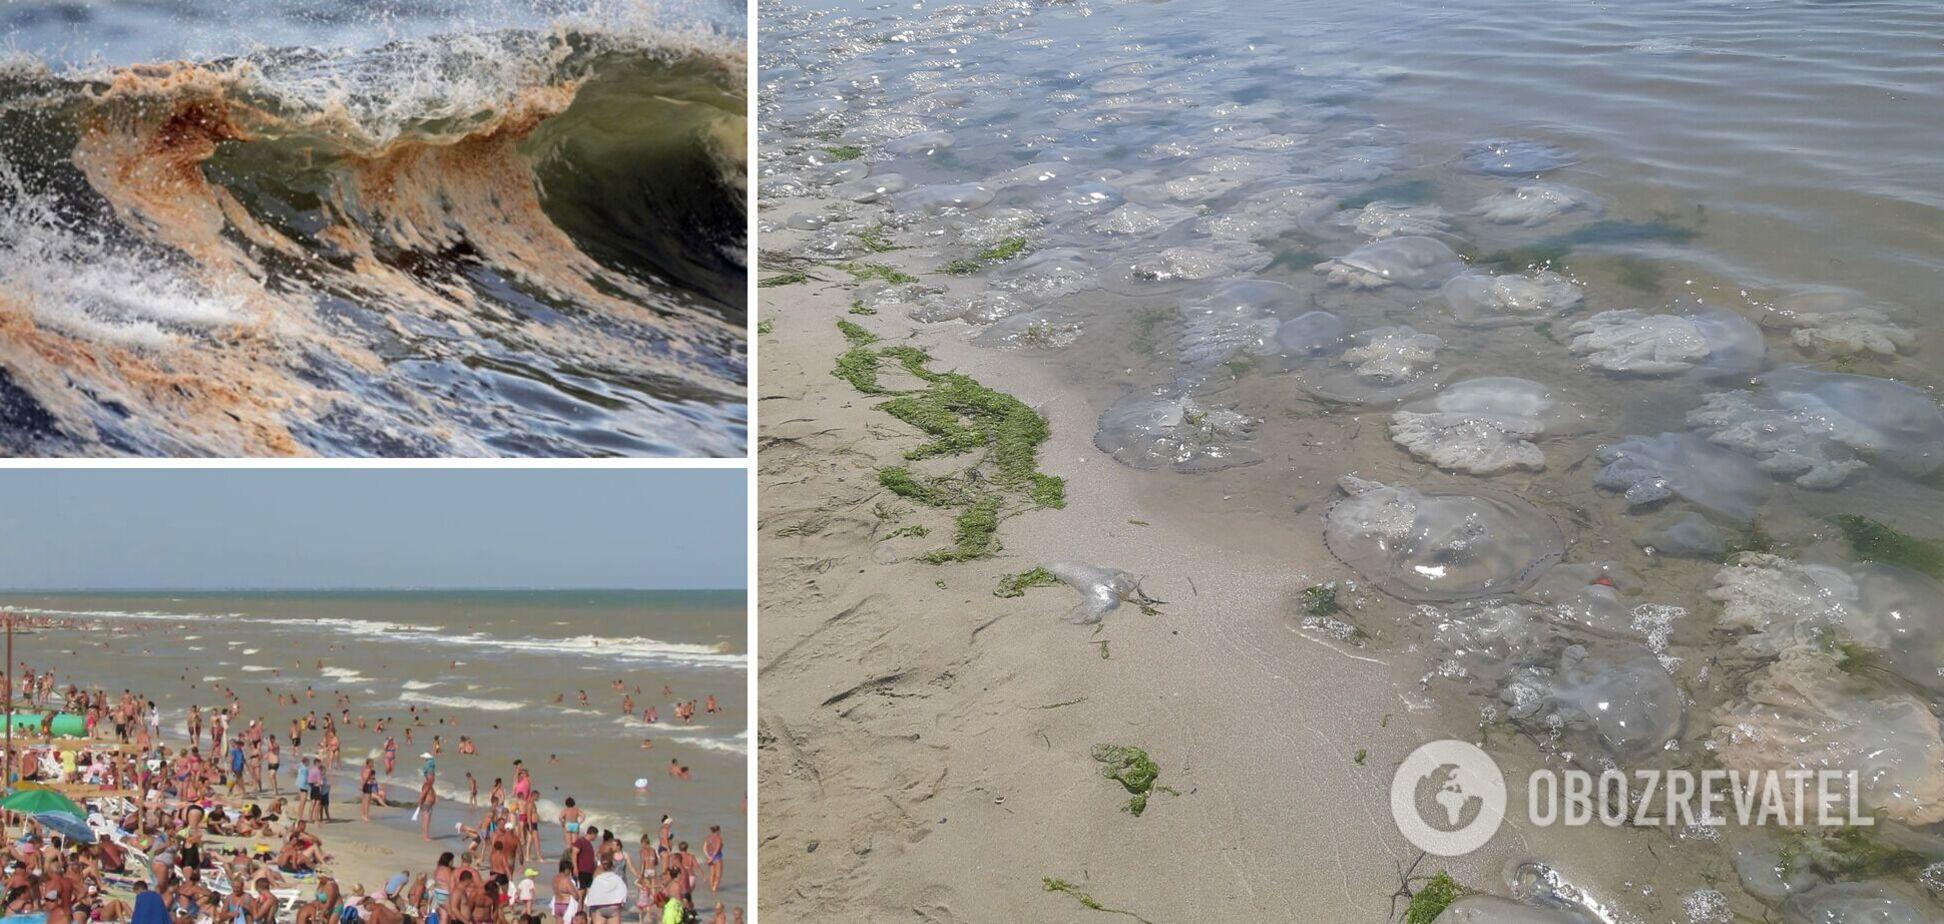 У Кирилівці брудне море, сотні медуз і натовпи туристів